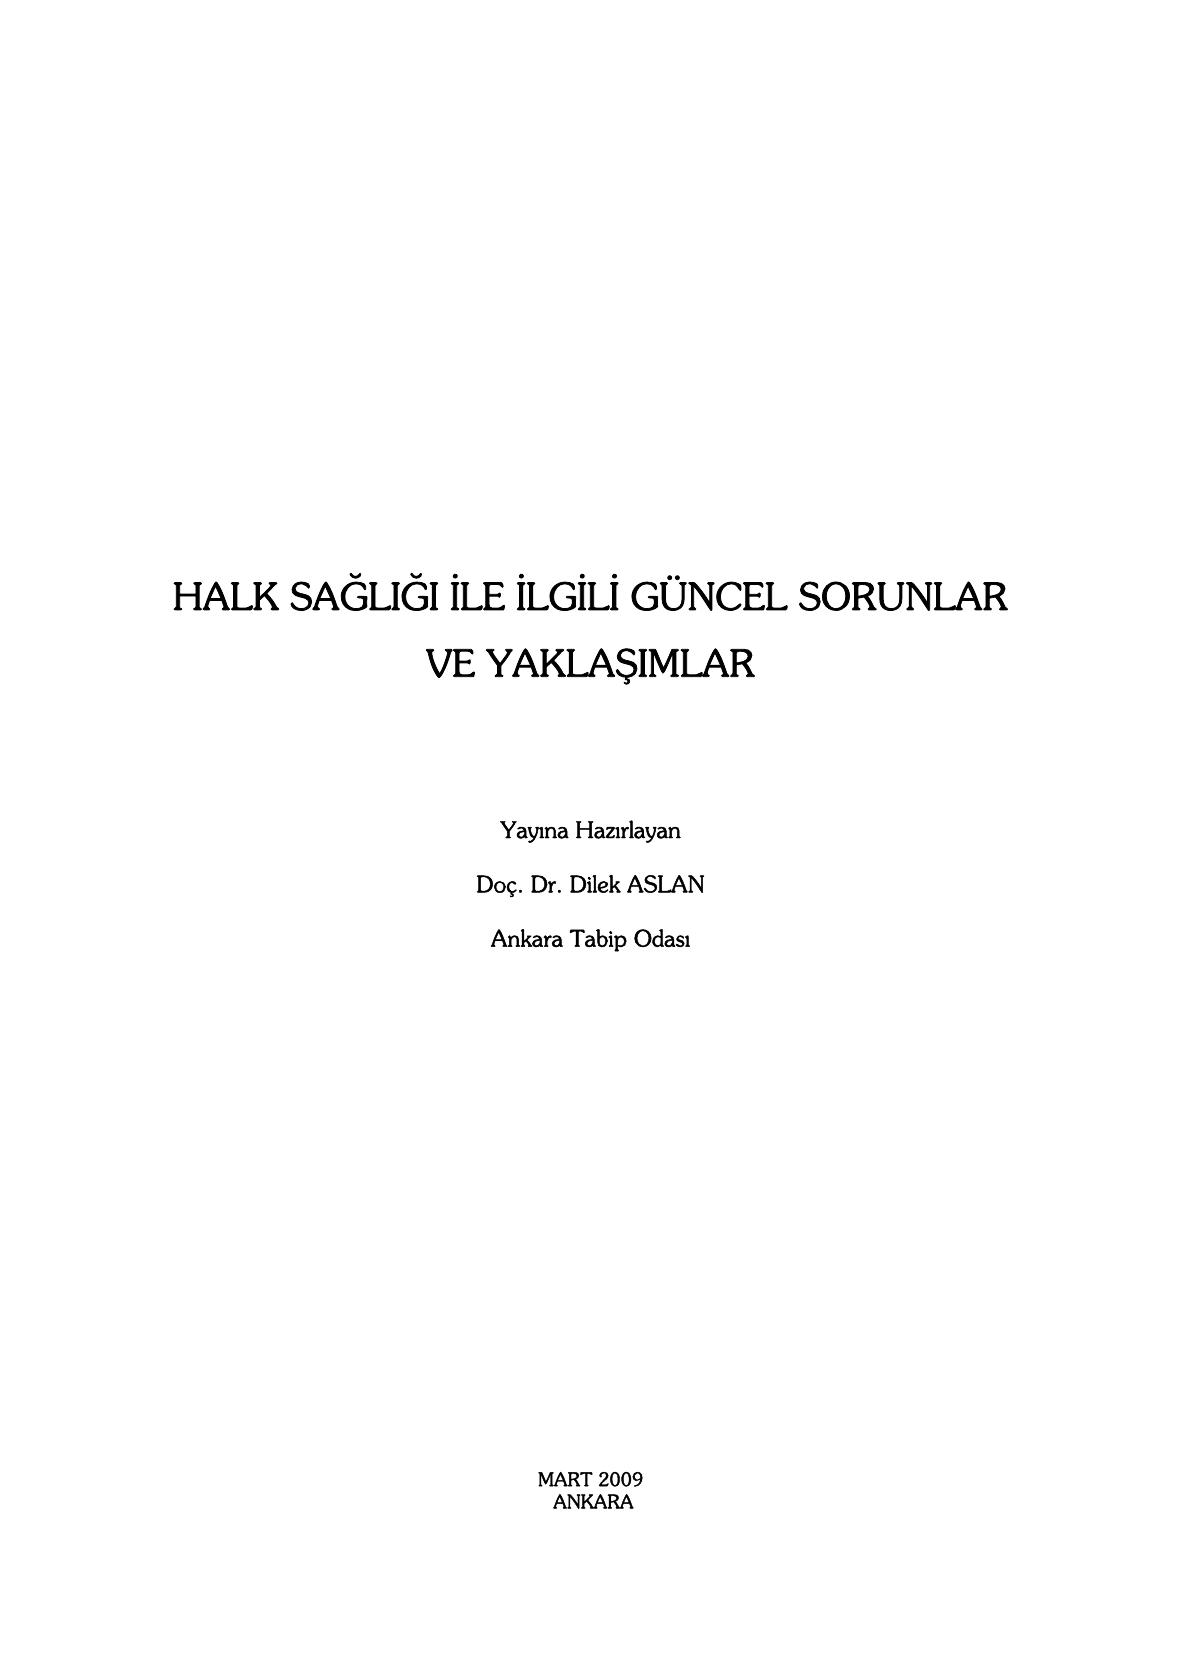 Zırhlı kablo АВБбШв: kod çözme, özellikleri 91